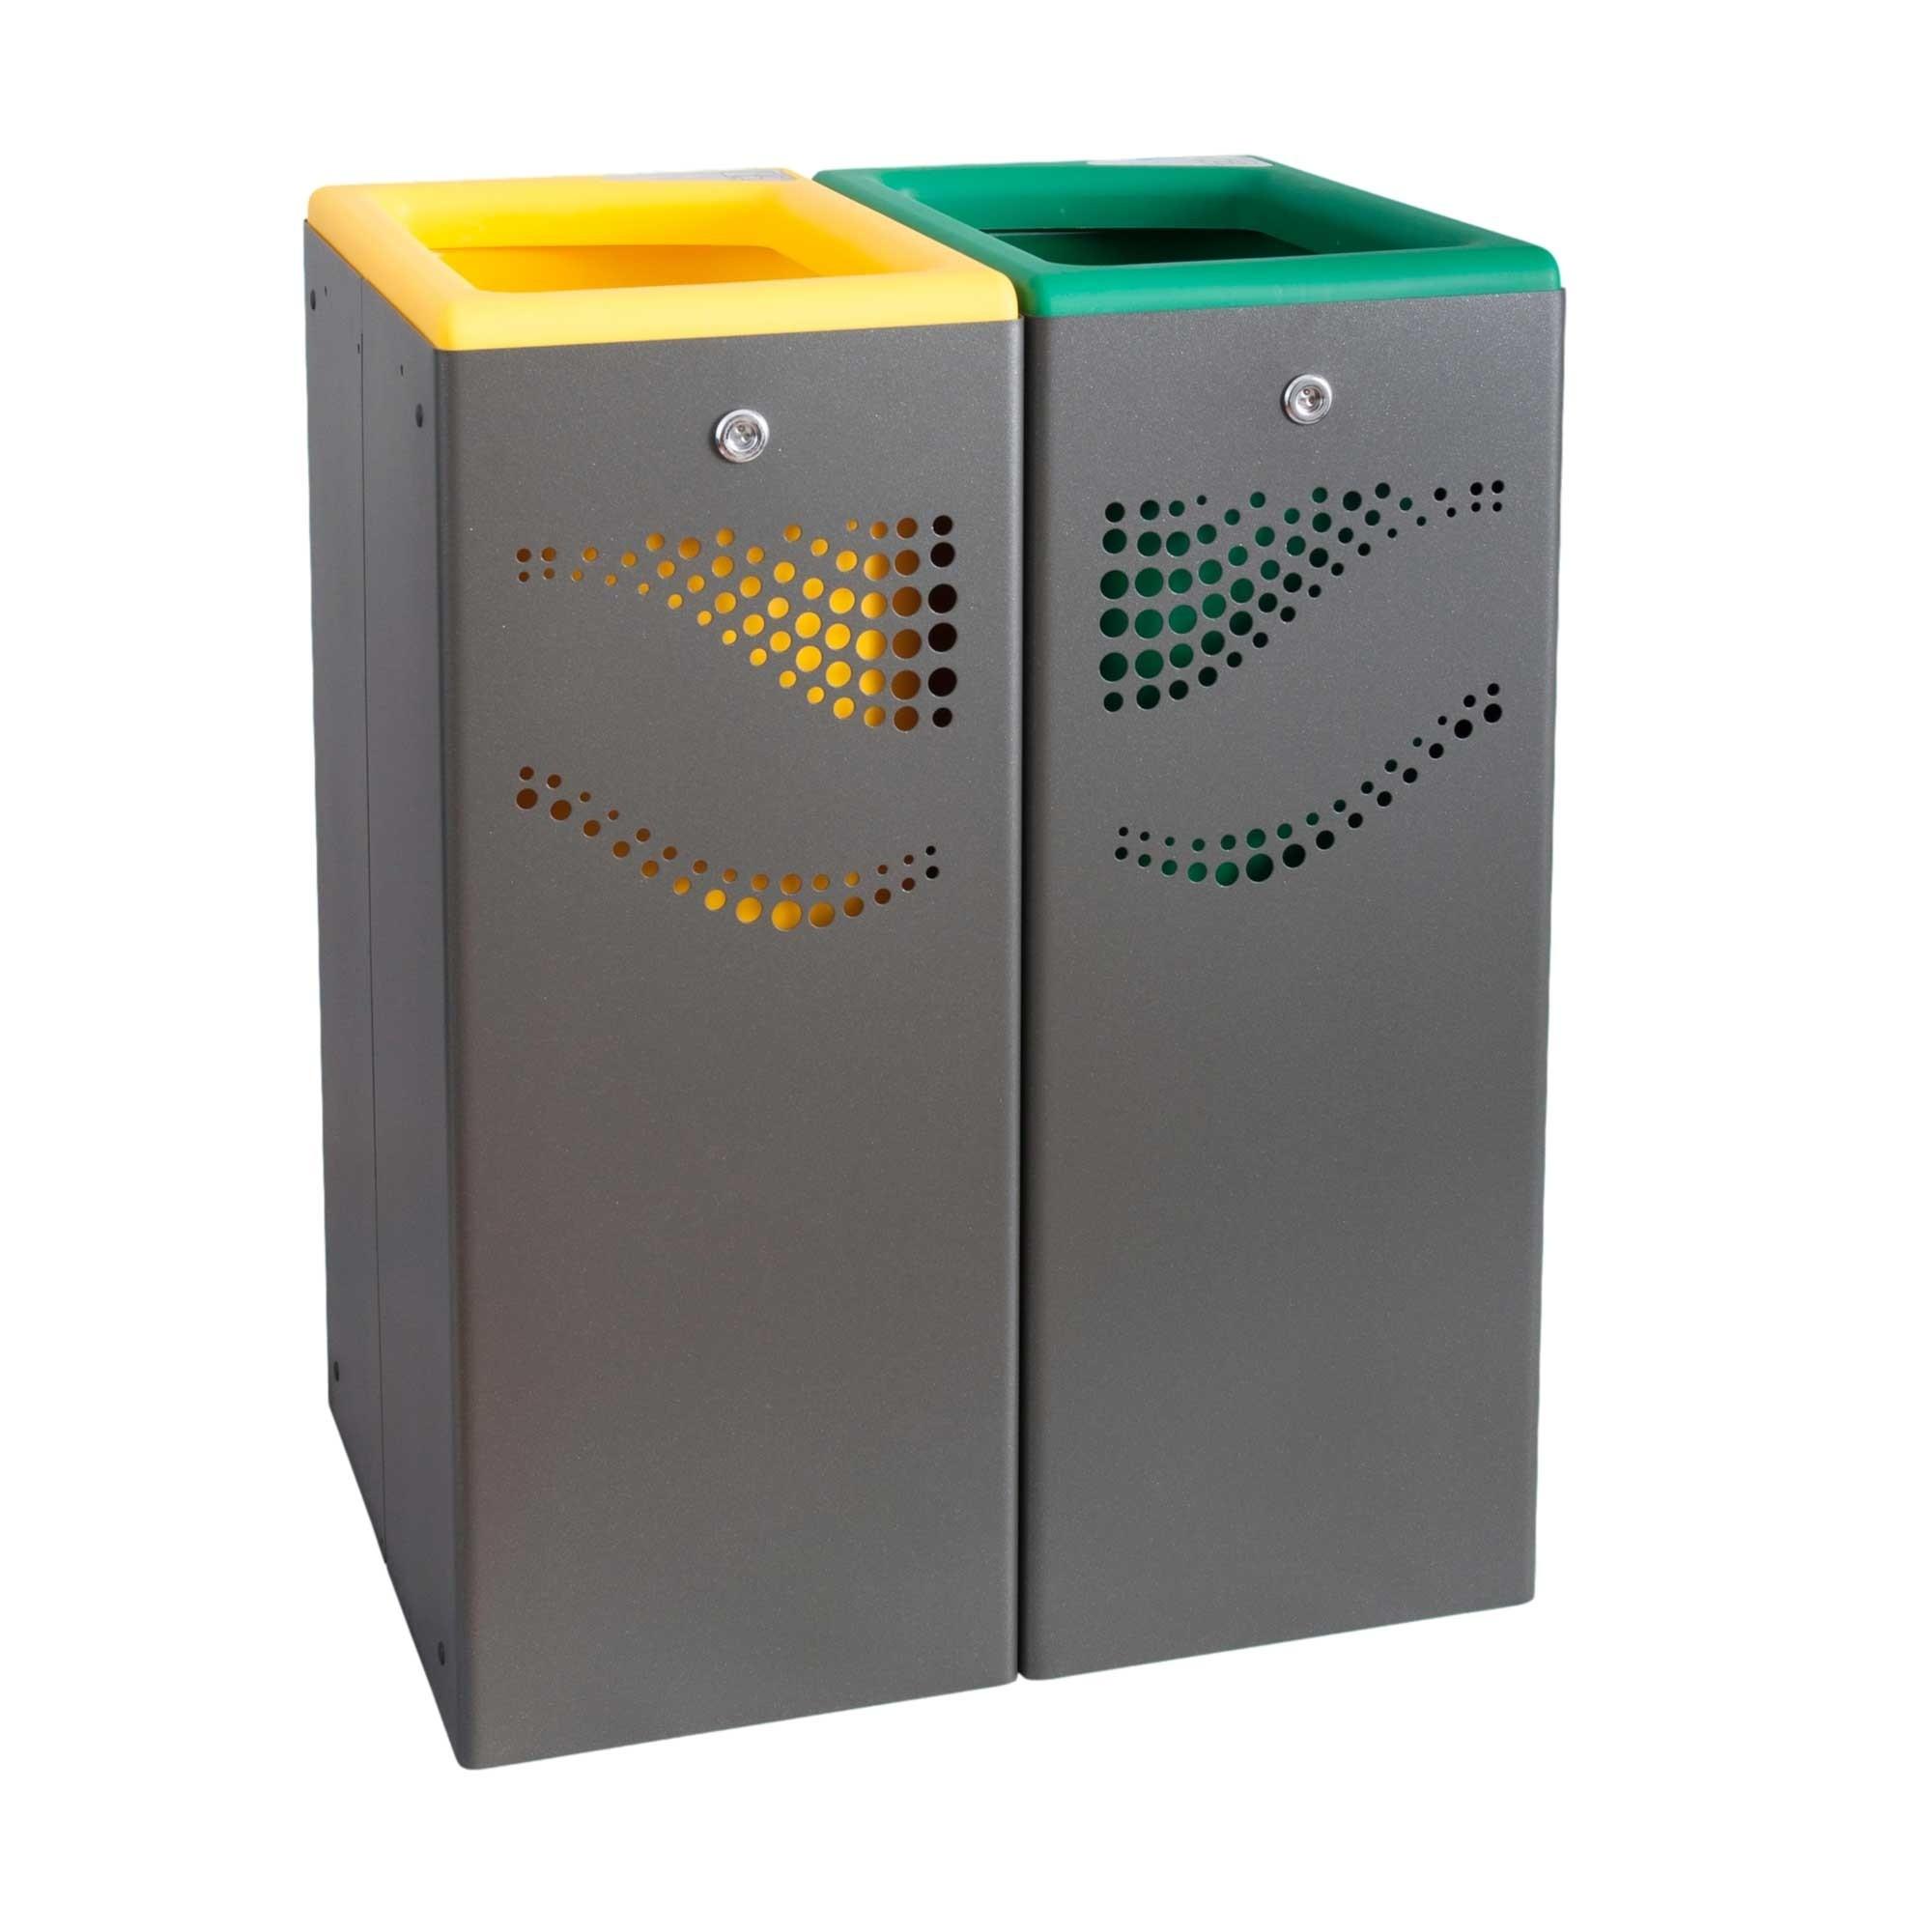 Μεταλλικός κάδος ανακύκλωσης Jofel 80lt AL707050.YG